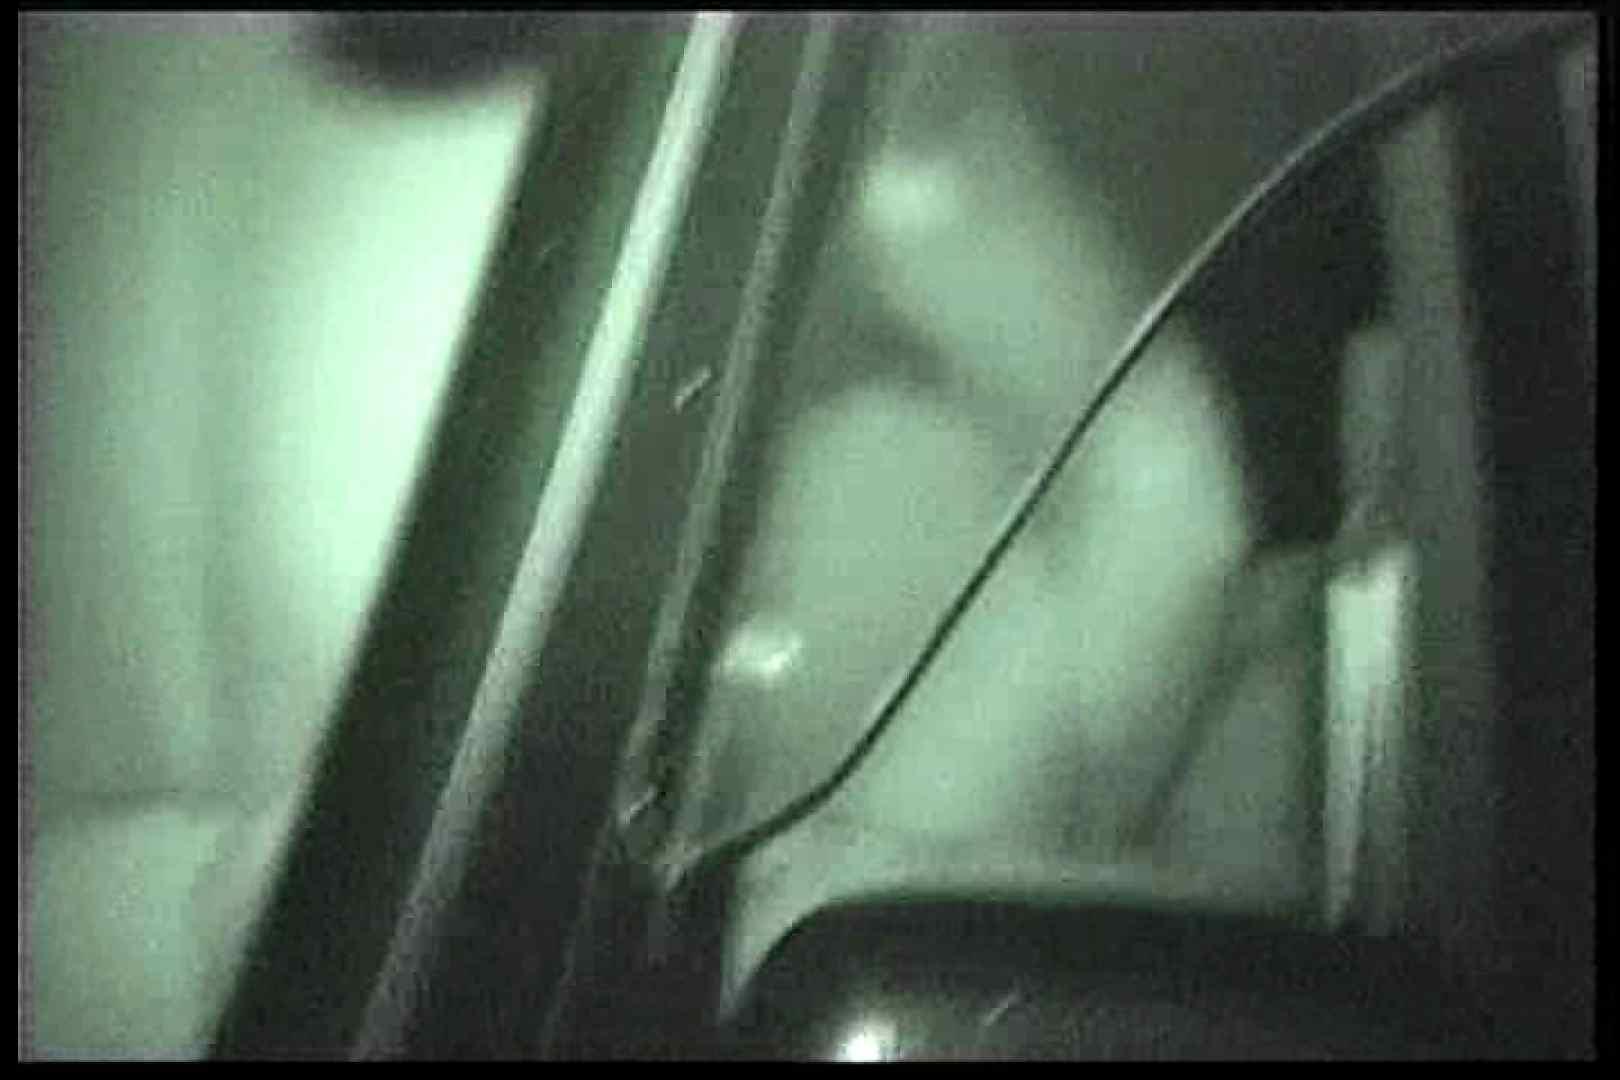 車の中はラブホテル 無修正版  Vol.11 すけべなOL ヌード画像 86画像 50